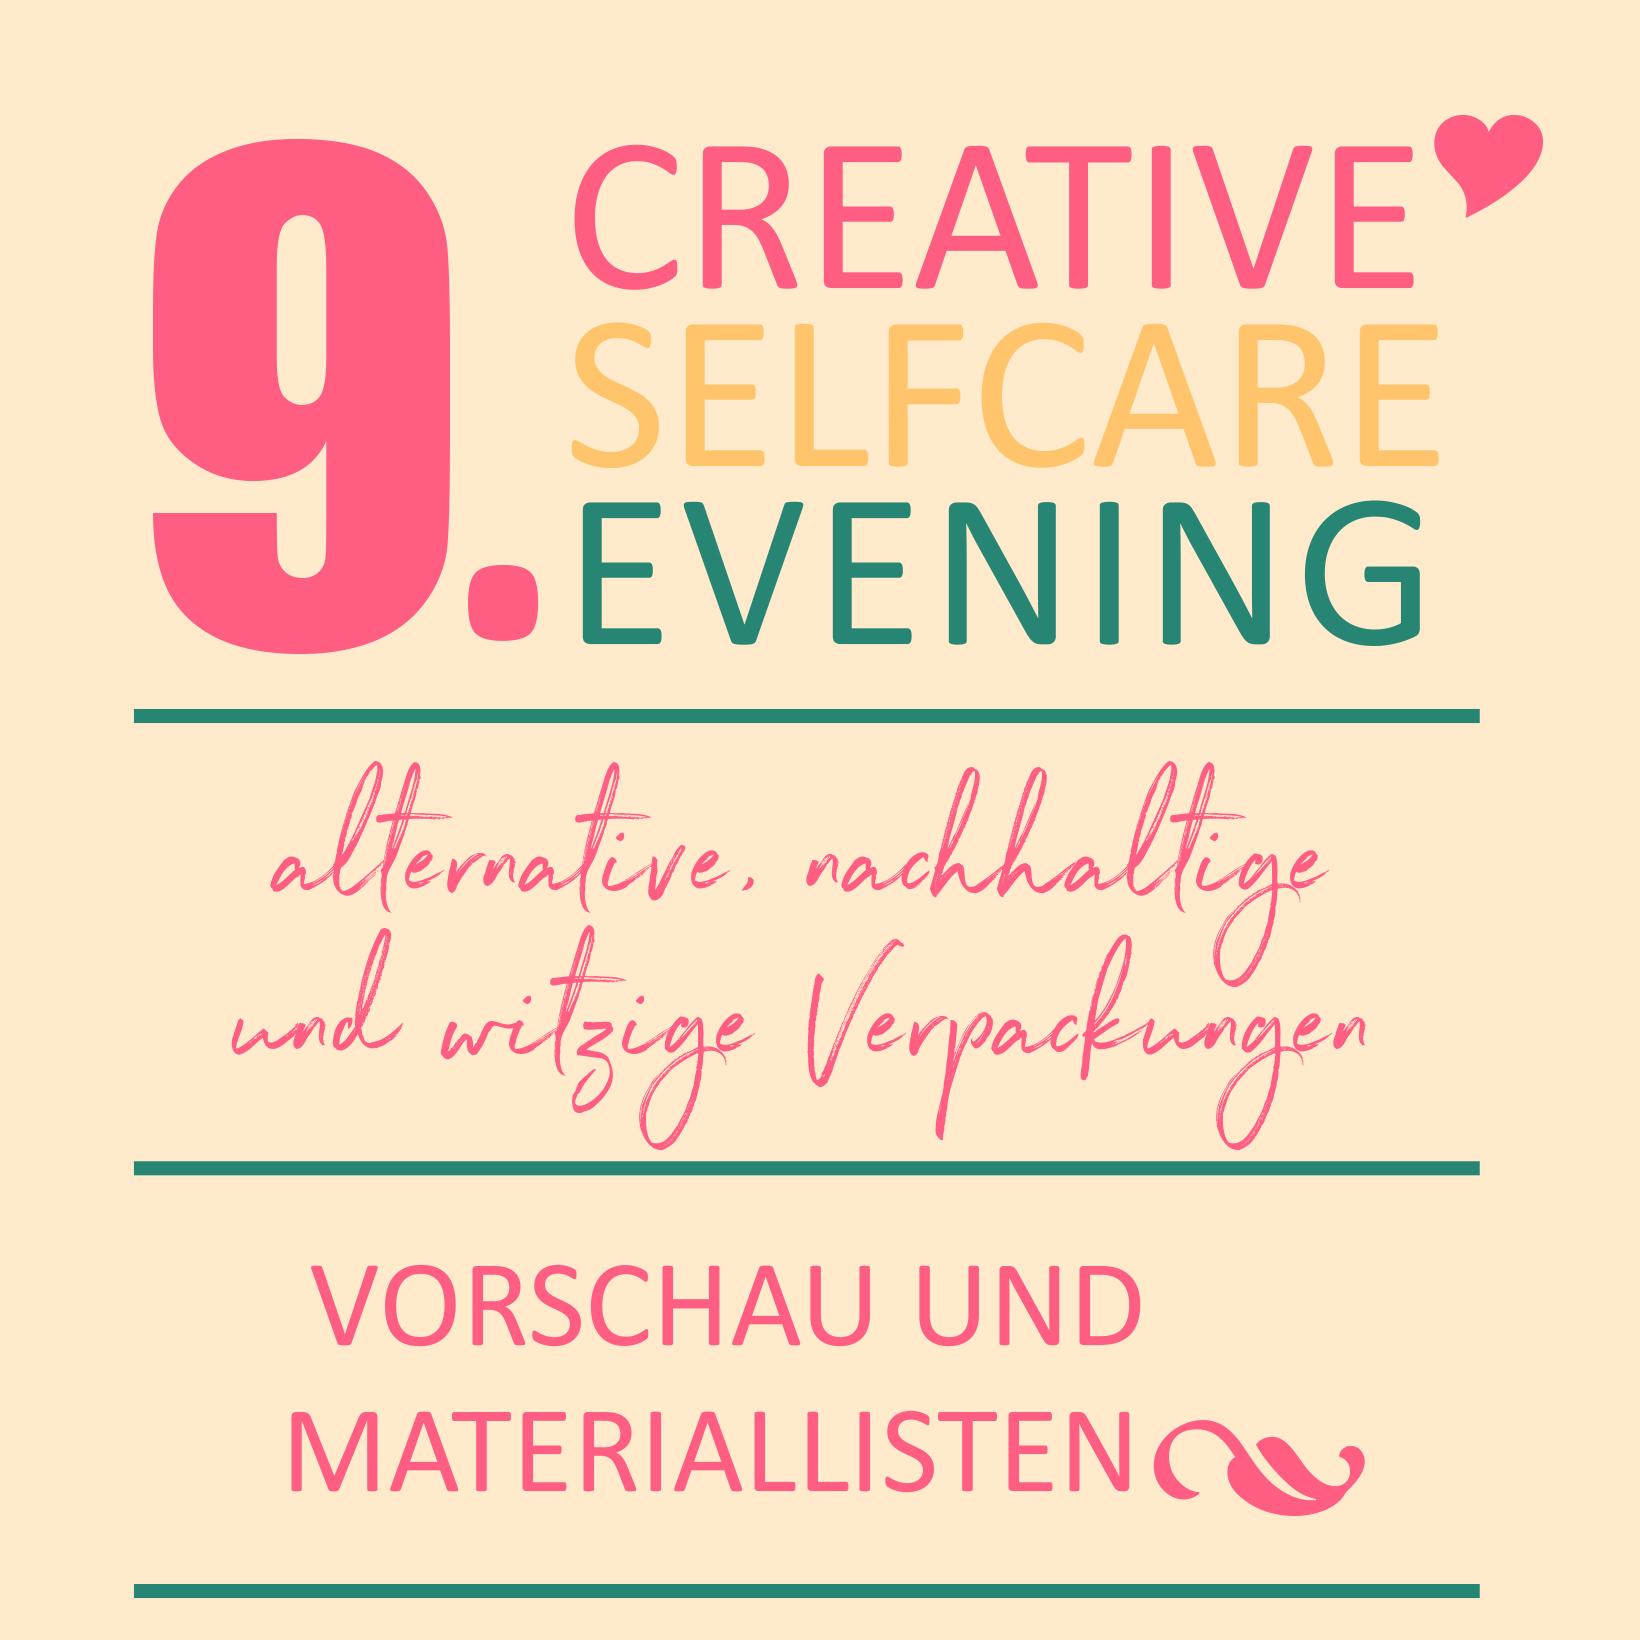 Weihnachtsgeschenke kreativ und nachhaltig verpacken - Materialliste